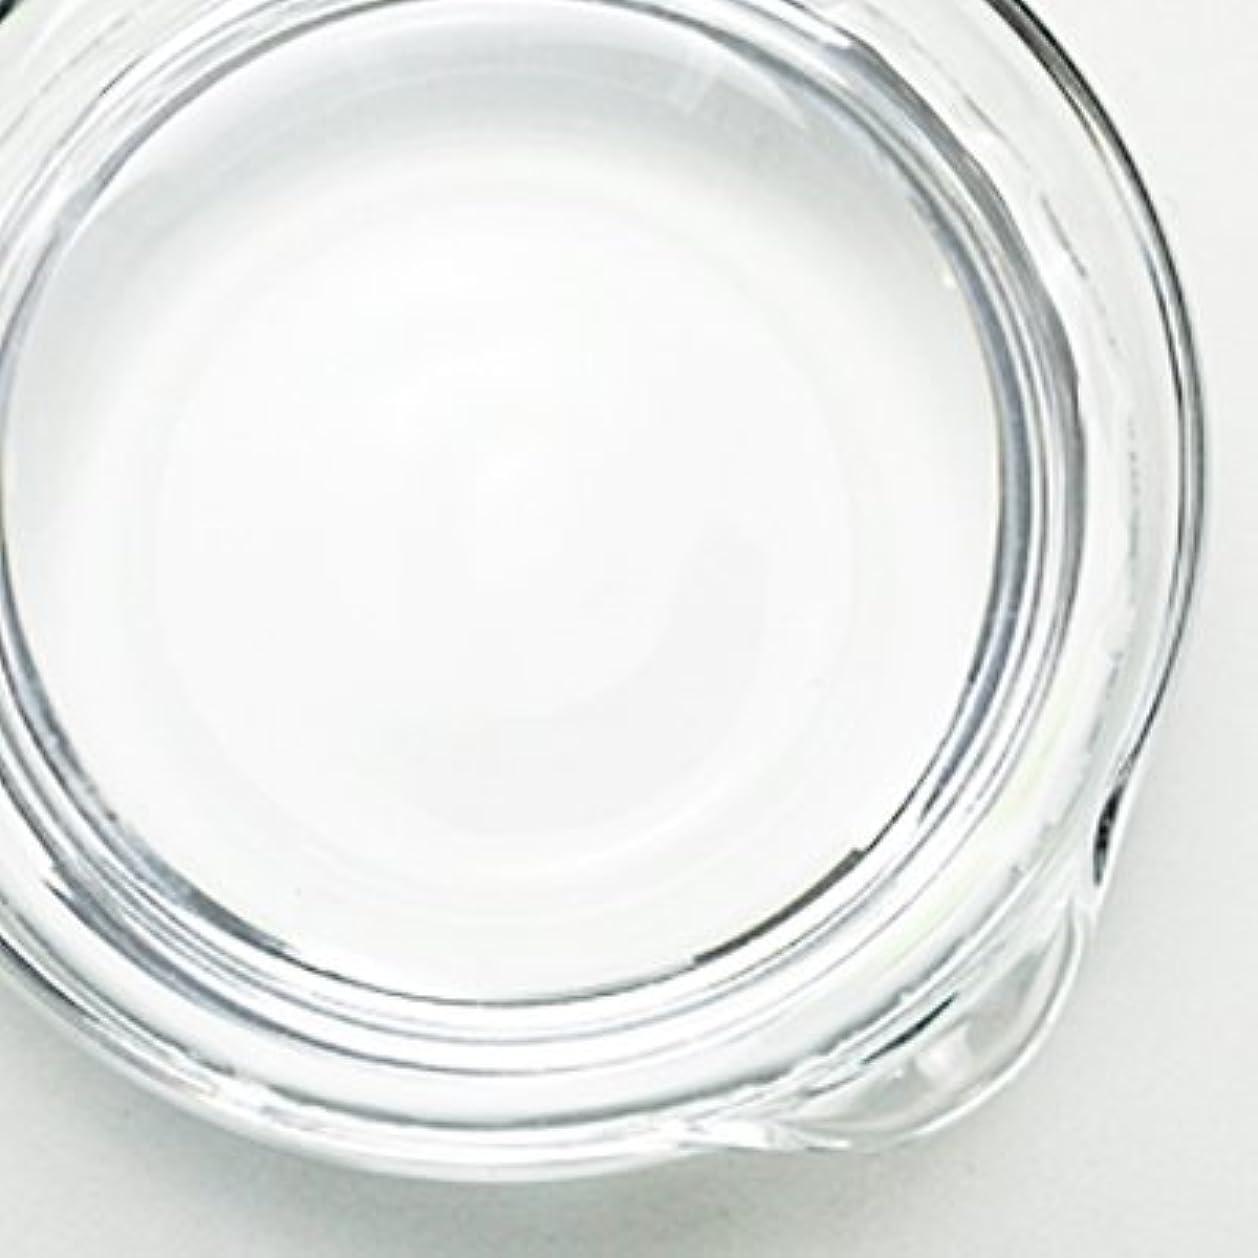 1,3-ブチレングリコール[BG] 250ml 【手作り石鹸/手作りコスメ】